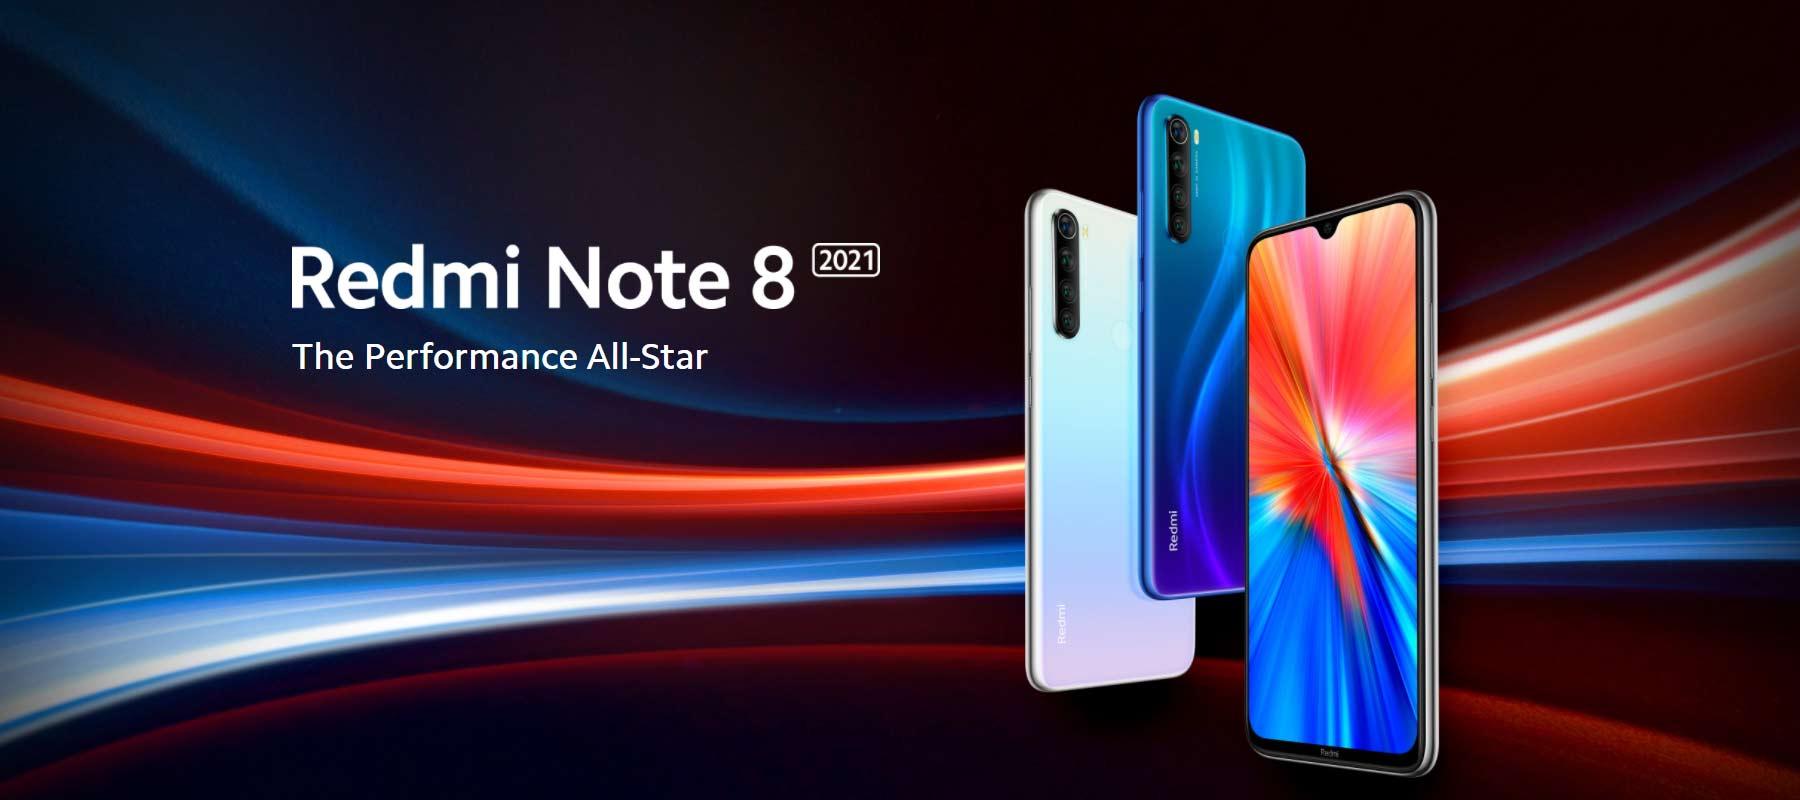 مشخصات گوشی شیائومی Redmi Note 8 2021